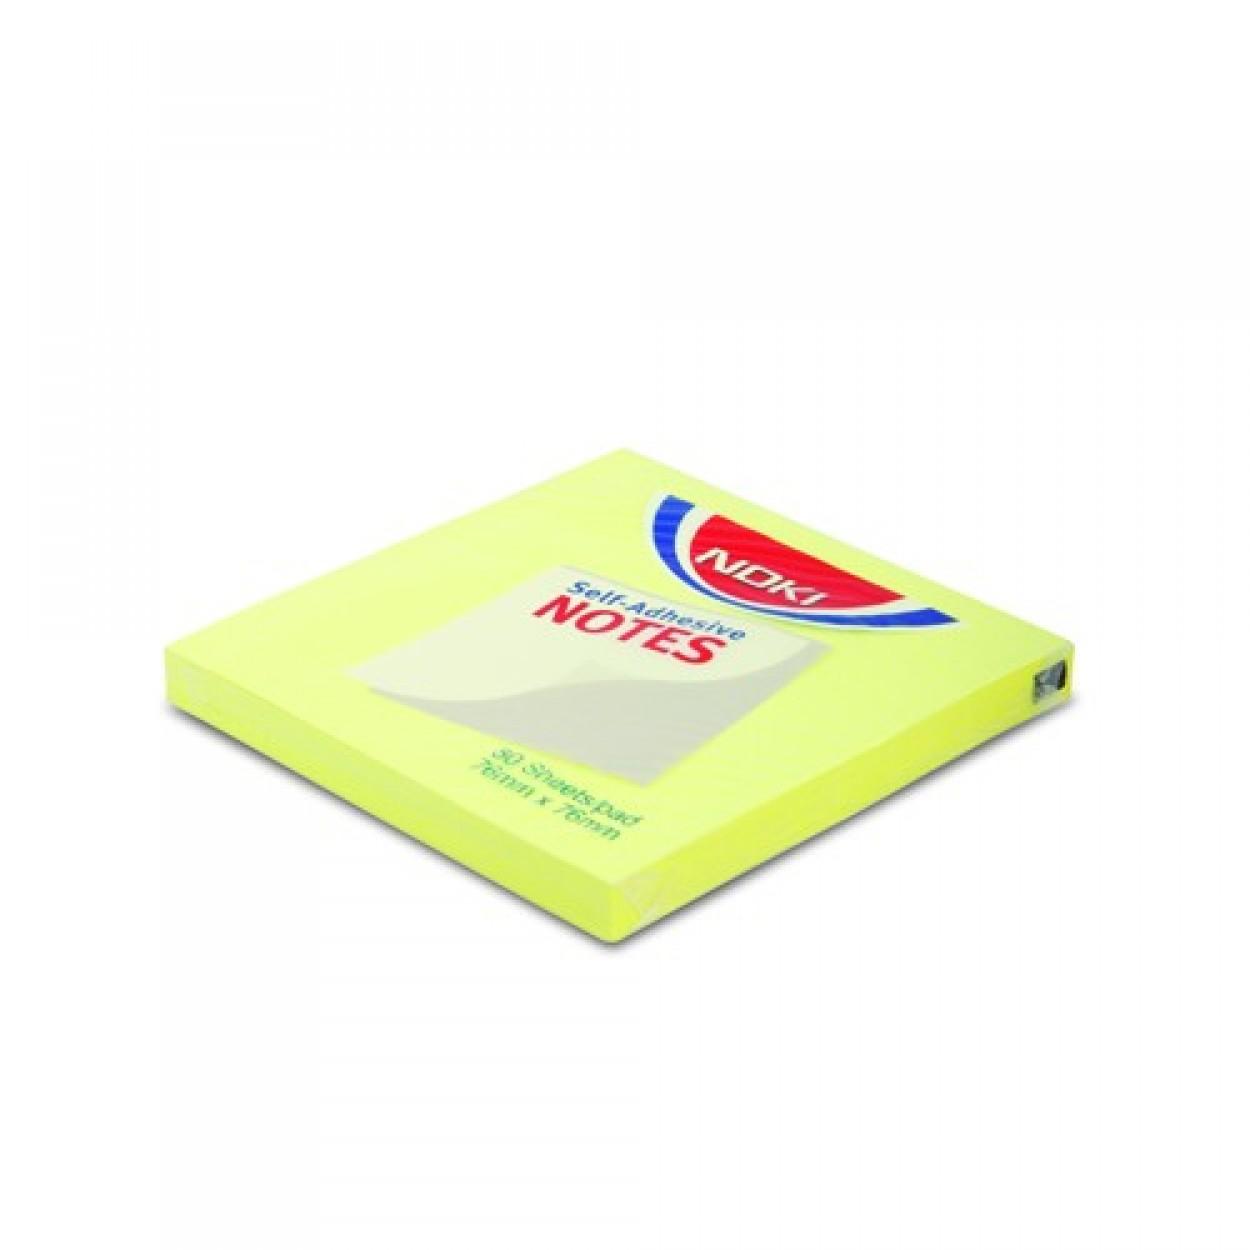 Noki Memo Stıck 50*75 Limon Sarı Yapışkanlı Not Kağıdı